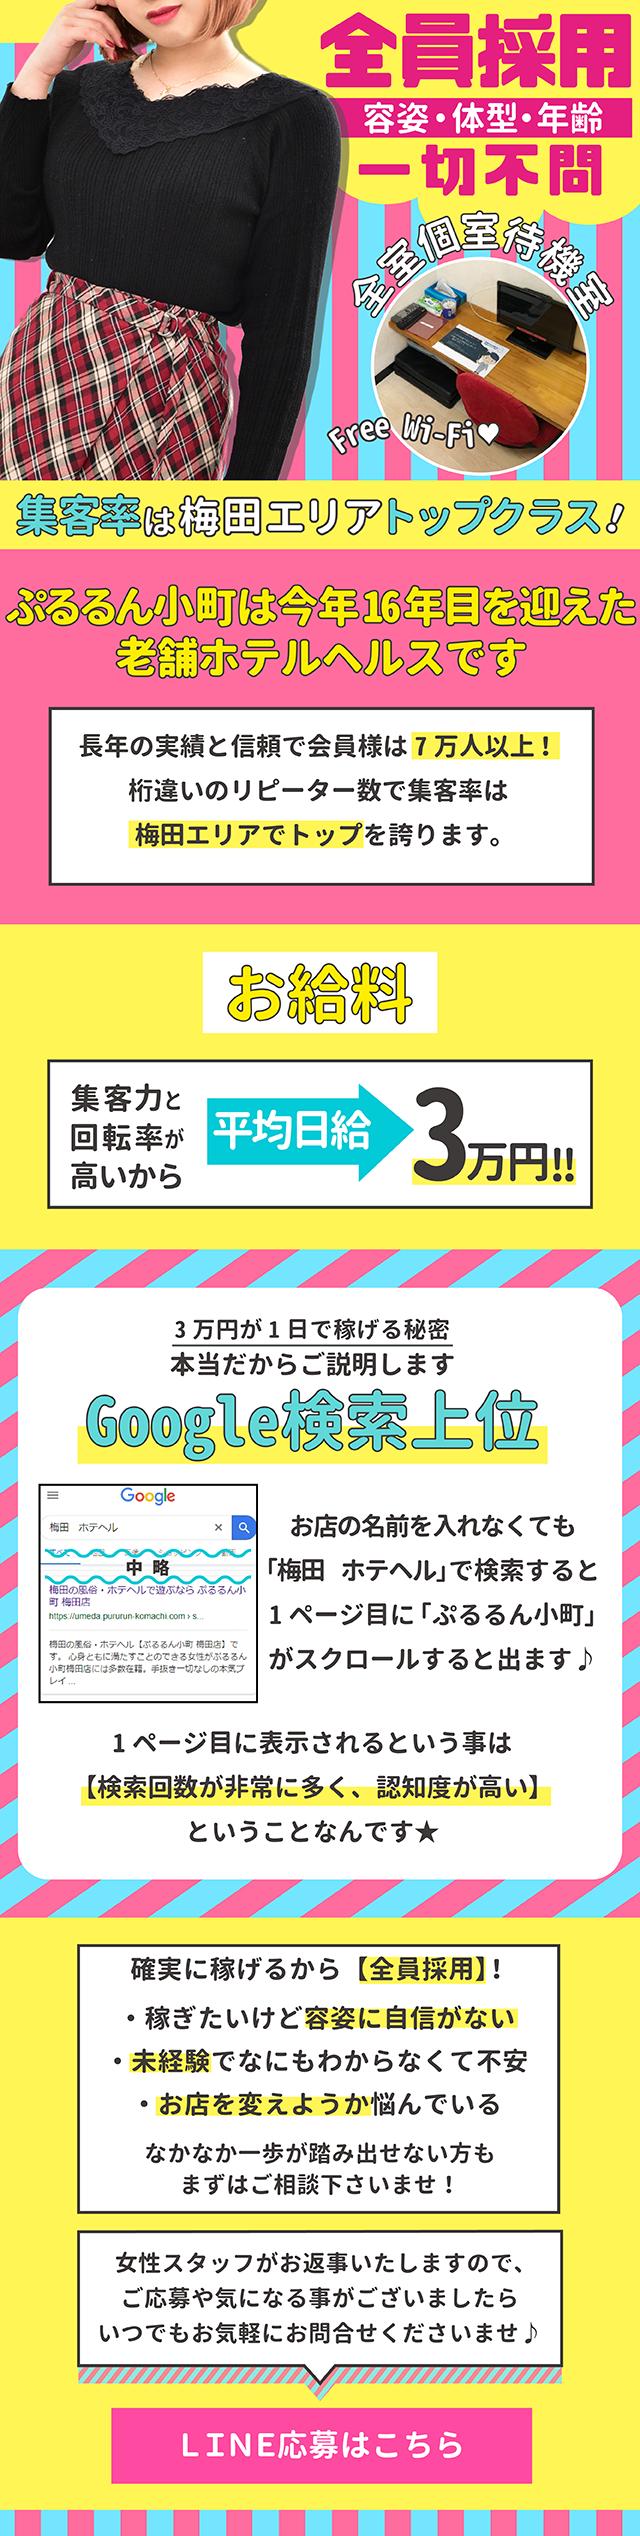 ぷる梅2019春急募